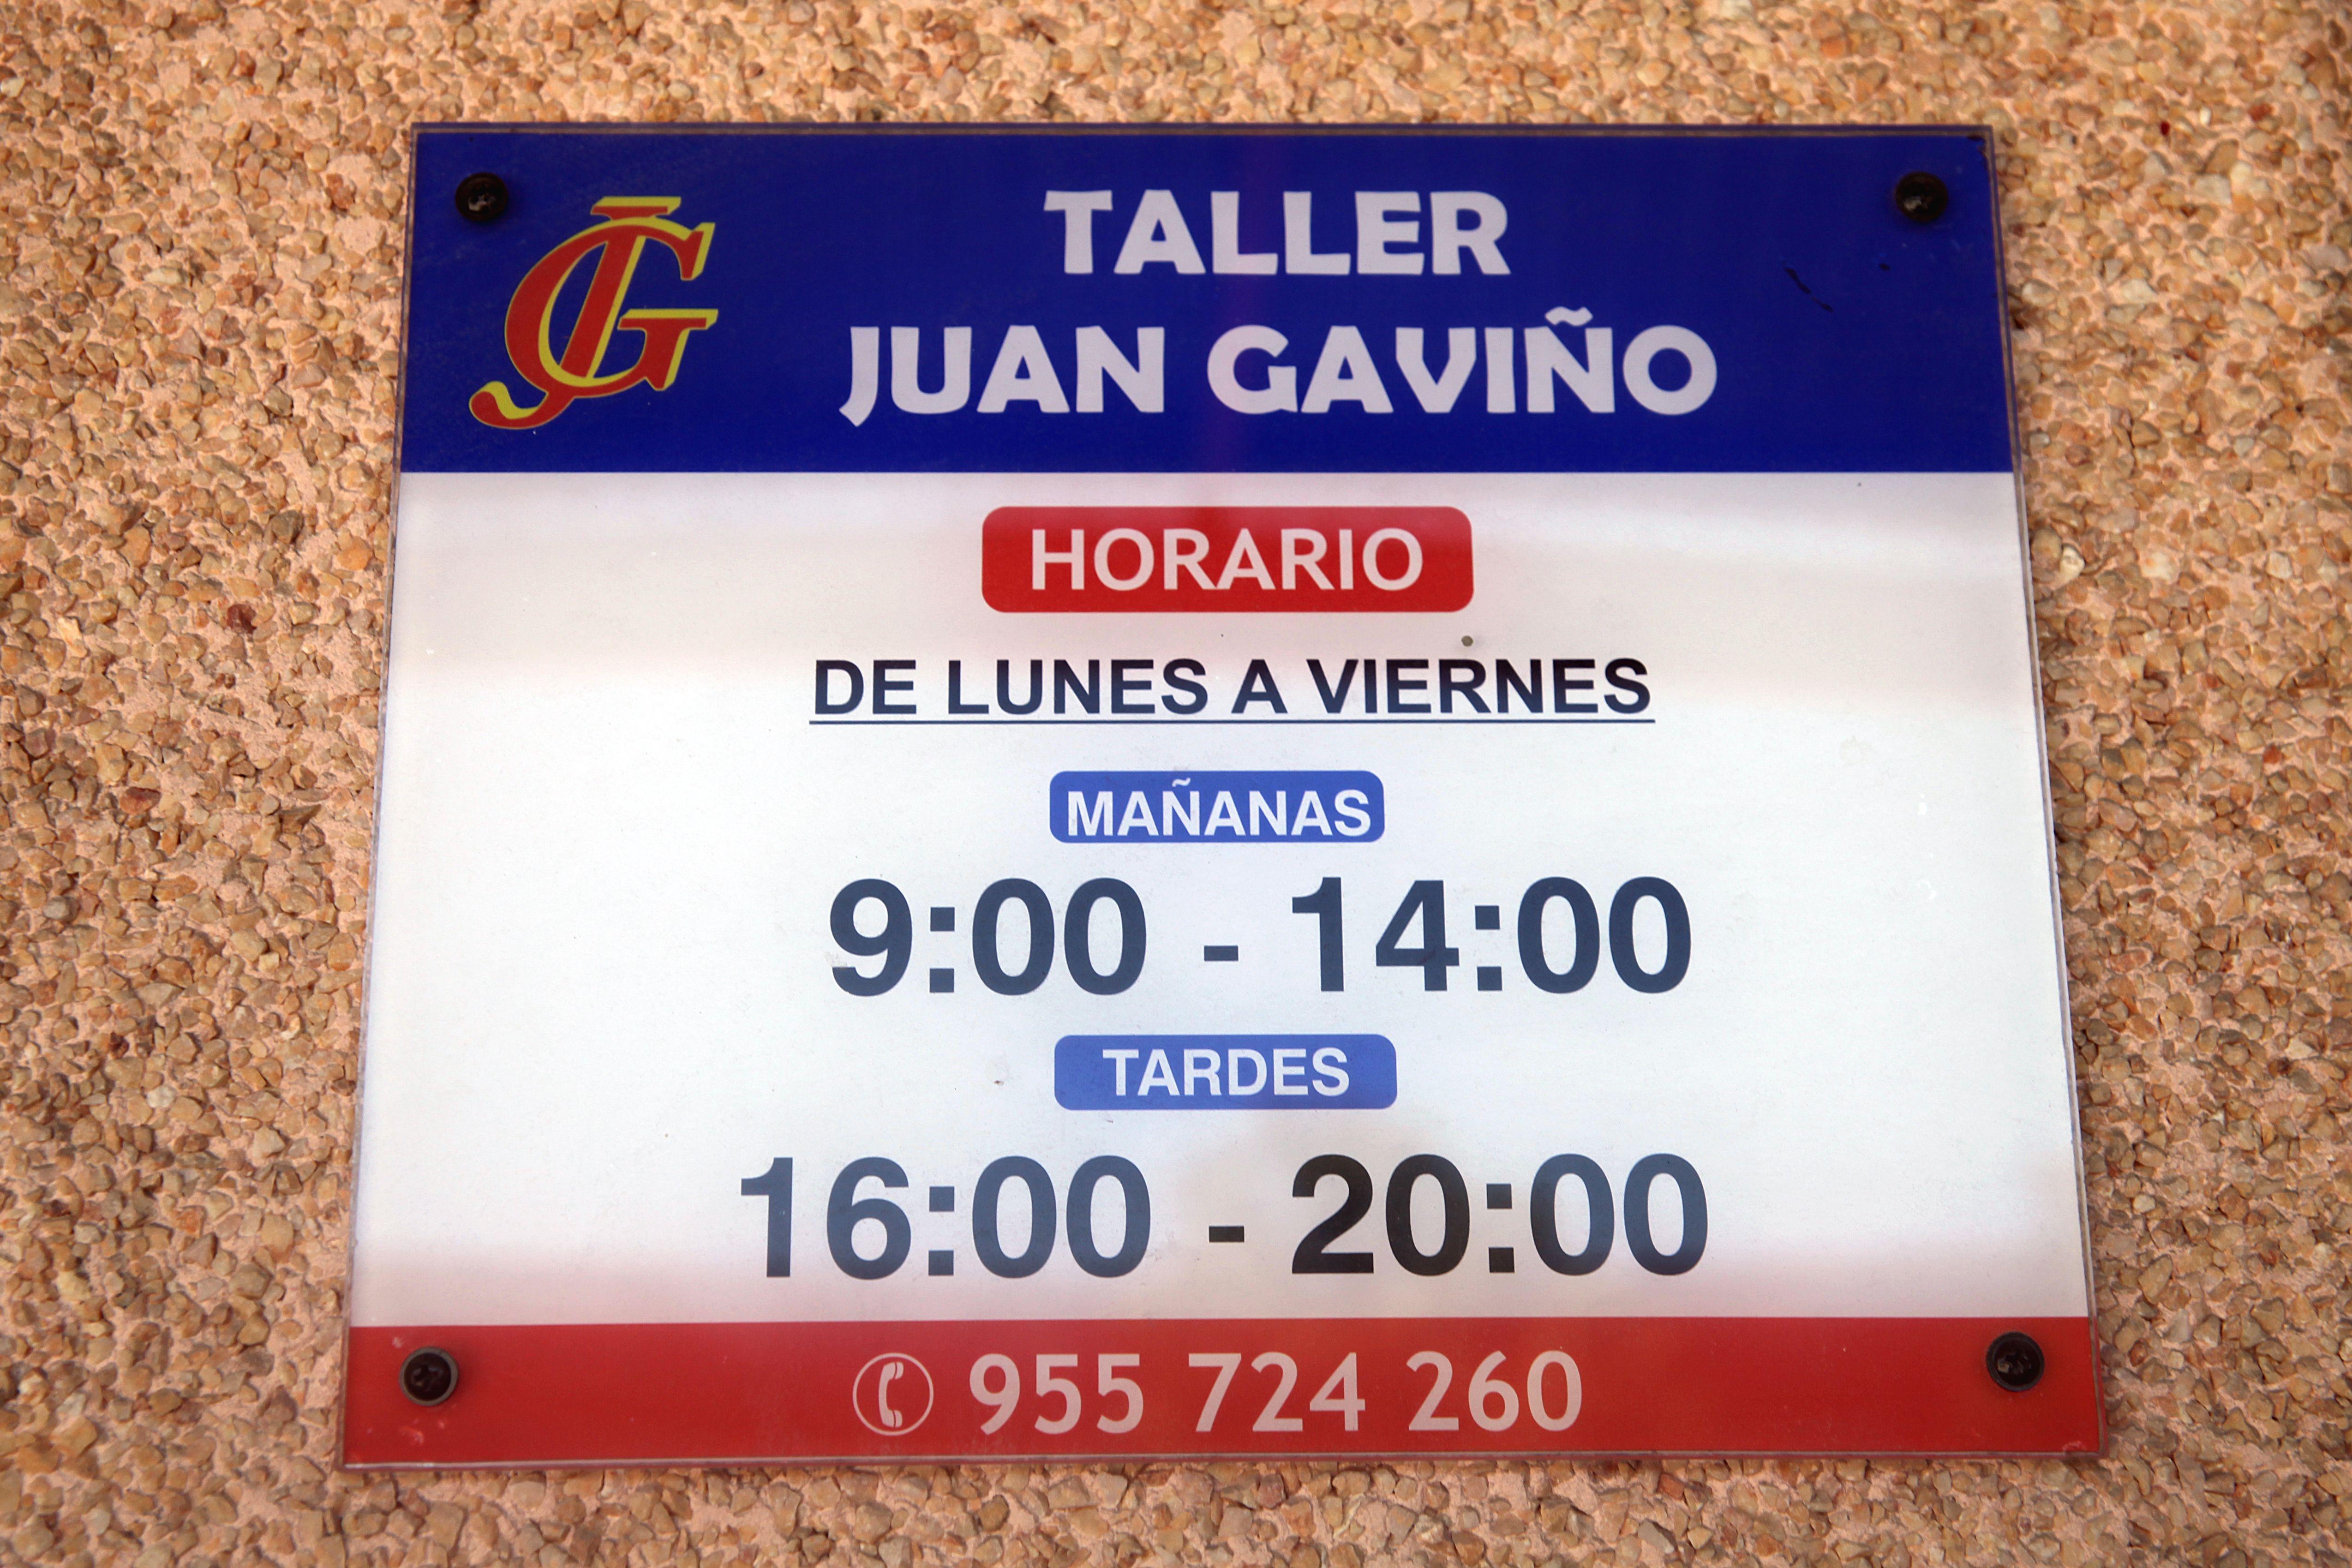 Foto 2 de Talleres de automóviles en Bormujos | Taller Juan Gaviño